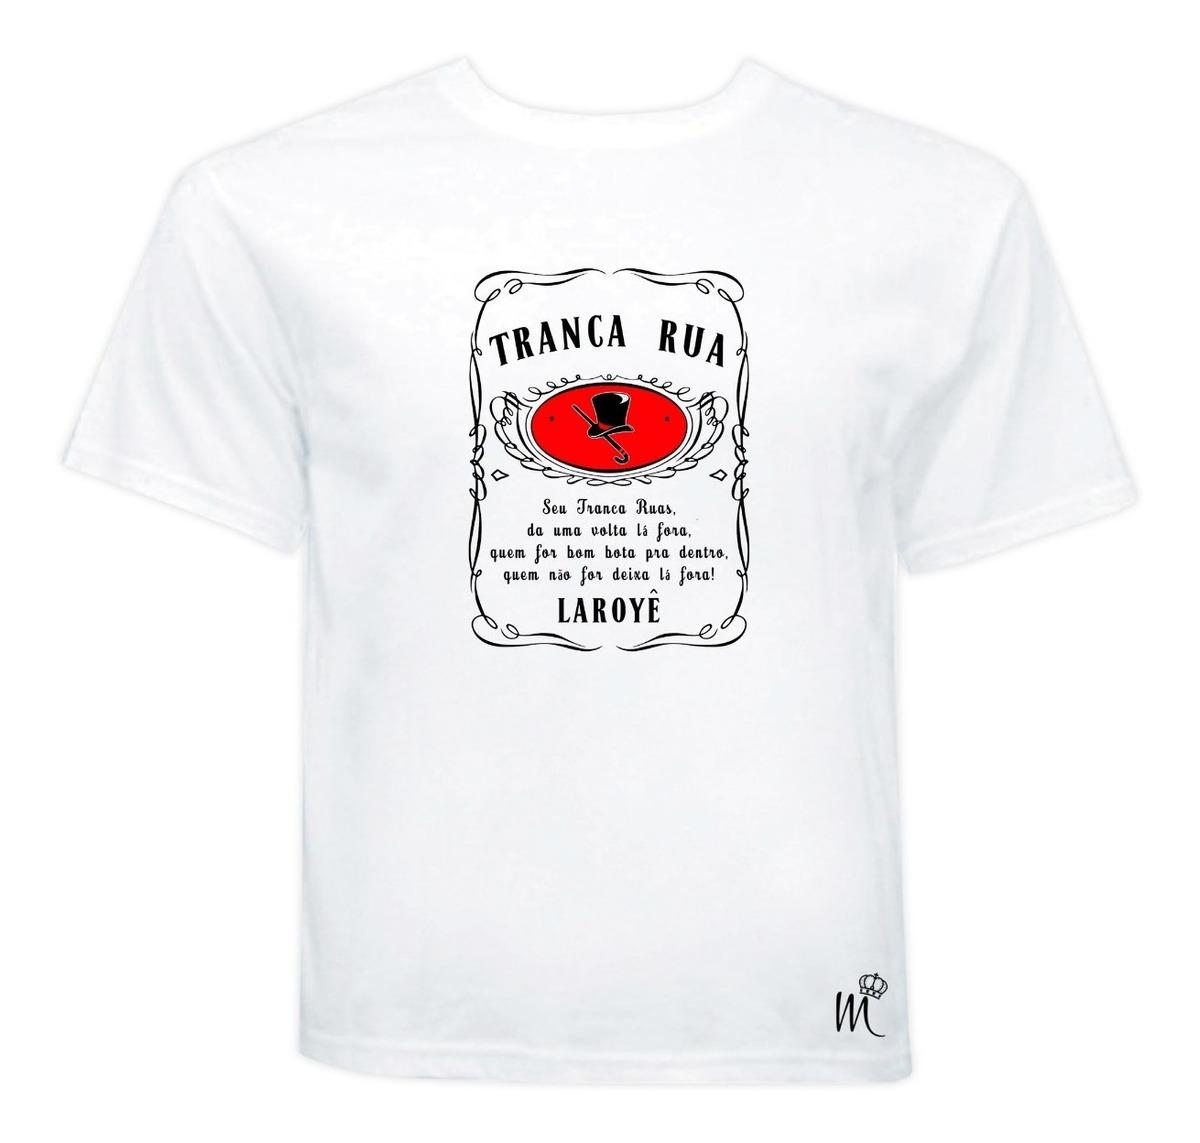 Camiseta Frase Exú Tranca Ruas Linha Esquerda Umbanda